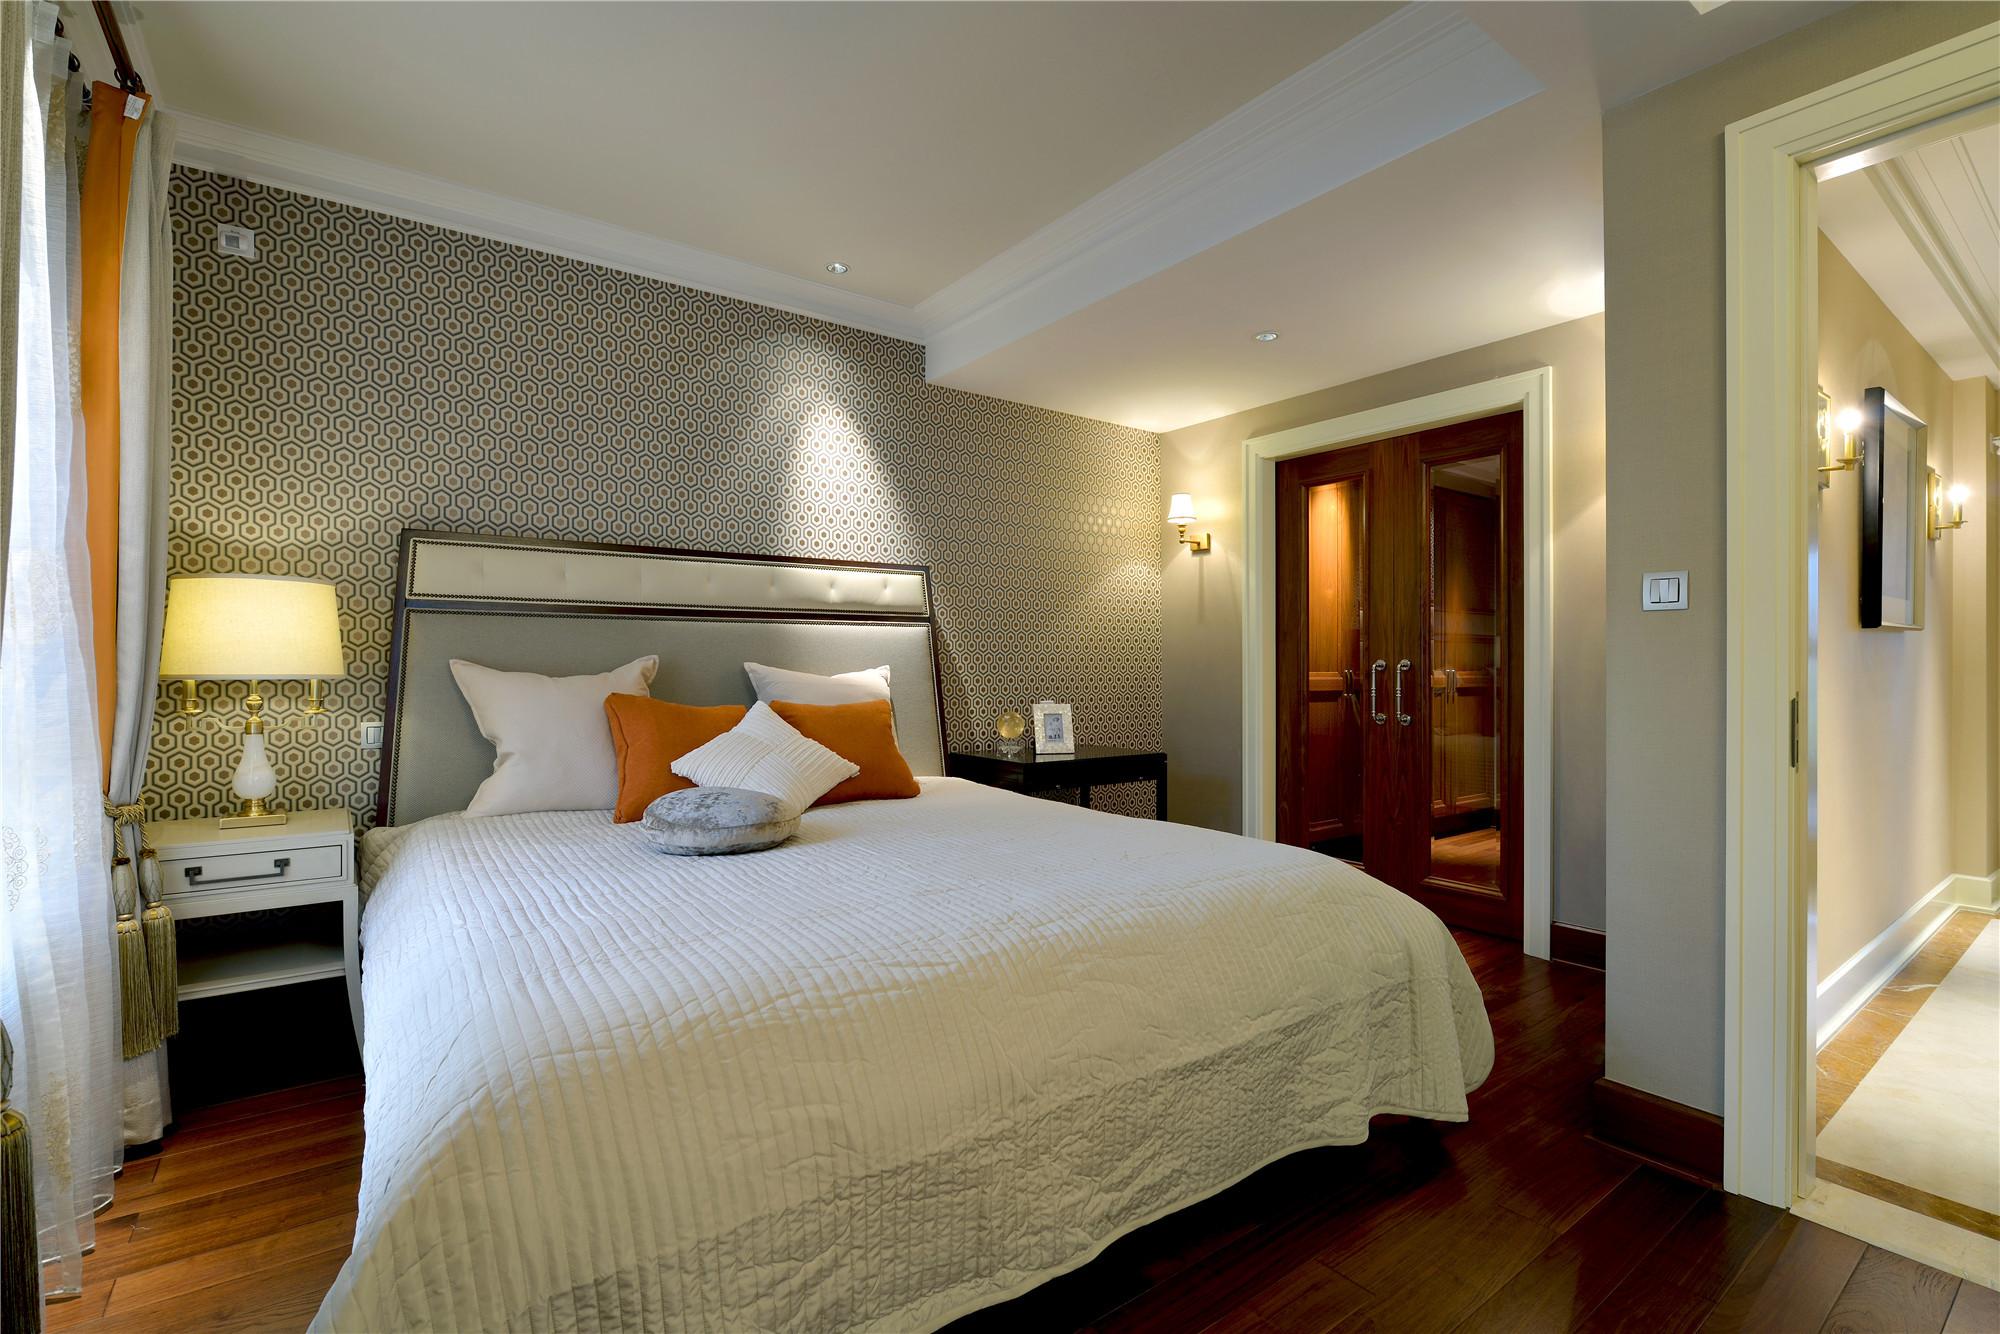 现代风格别墅装修卧室效果图